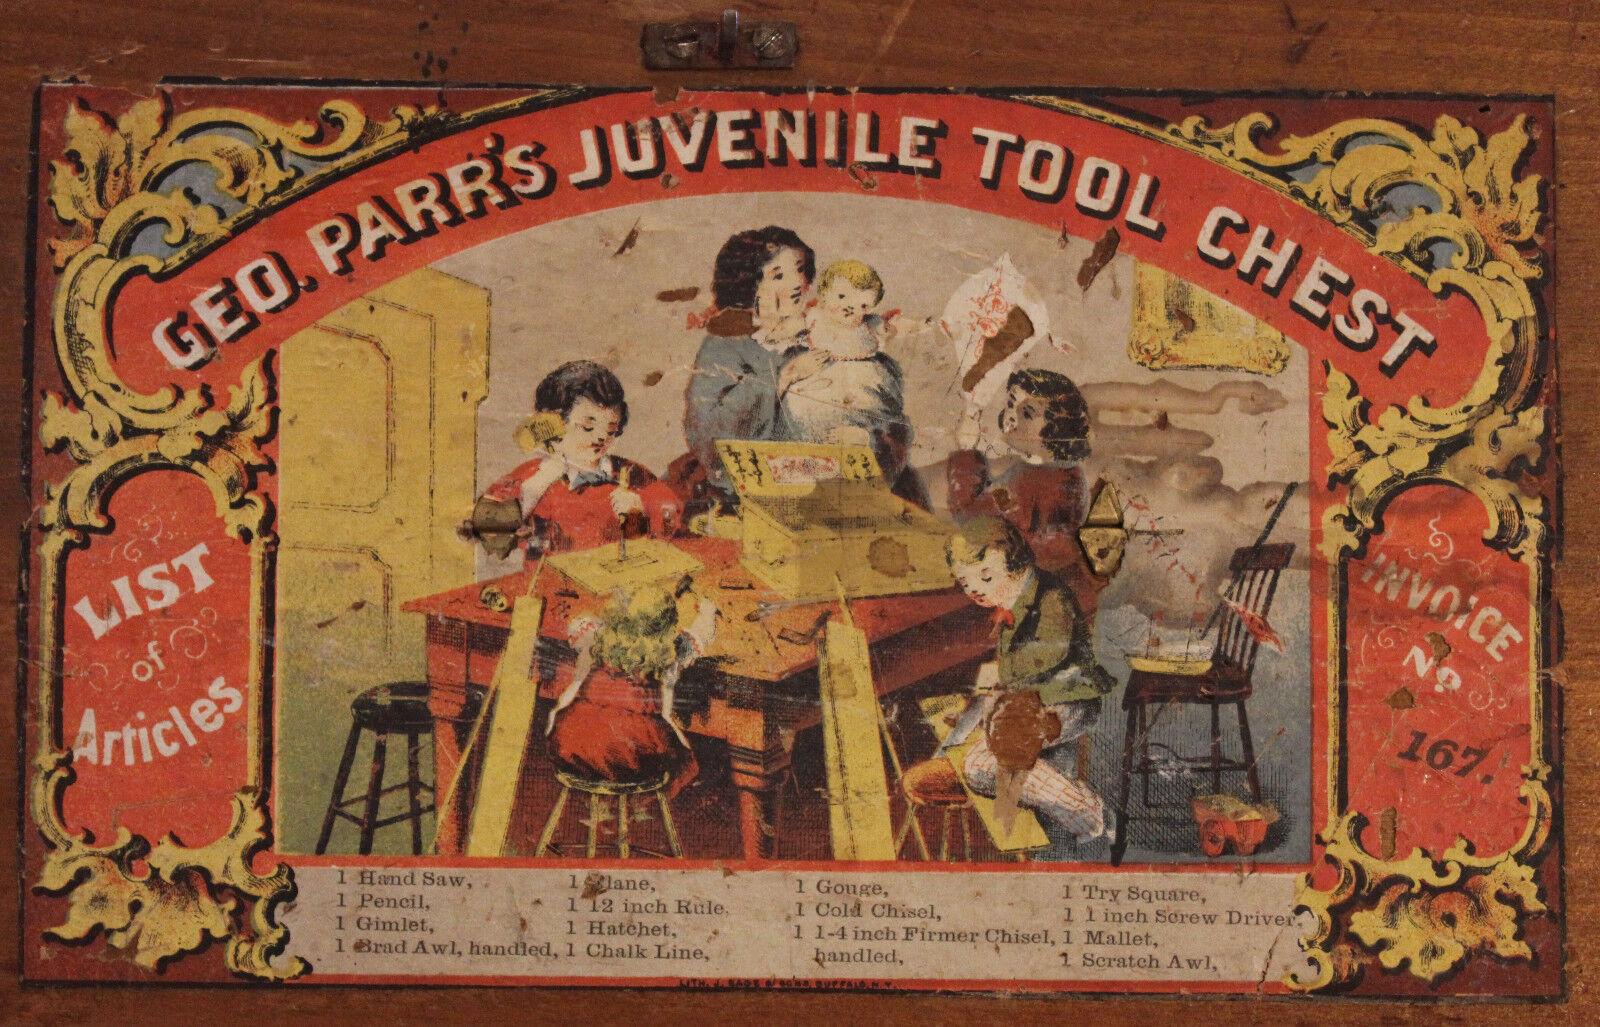 Original 1860s Geo. la herramienta juvenil Pecho Caja Parr sólo